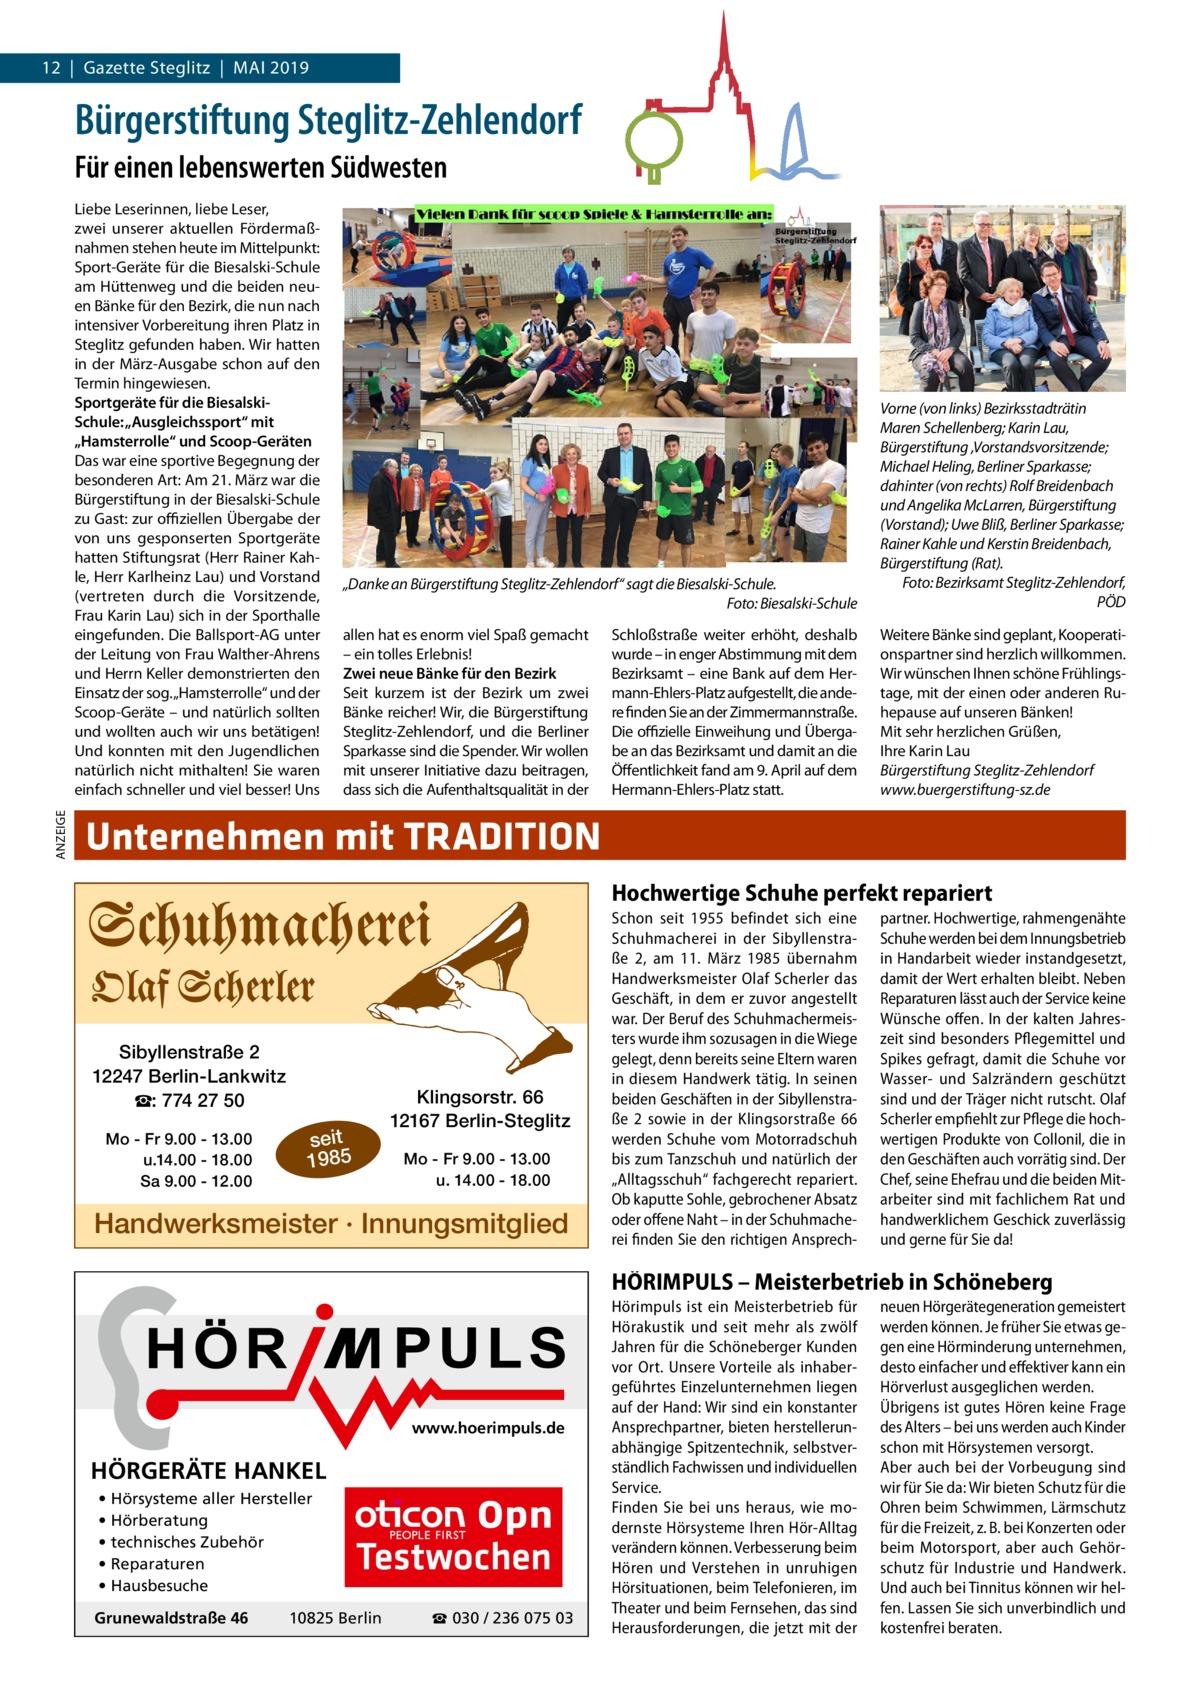 """12 Gazette Steglitz Mai 2019  Bürgerstiftung Steglitz-Zehlendorf Für einen lebenswerten Südwesten  ANZEIGE  Liebe Leserinnen, liebe Leser, zwei unserer aktuellen Fördermaßnahmen stehen heute im Mittelpunkt: Sport-Geräte für die Biesalski-Schule am Hüttenweg und die beiden neuen Bänke für den Bezirk, die nun nach intensiver Vorbereitung ihren Platz in Steglitz gefunden haben. Wir hatten in der März-Ausgabe schon auf den Termin hingewiesen. Sportgeräte für die BiesalskiSchule: """"Ausgleichssport"""" mit """"Hamsterrolle"""" und Scoop-Geräten Das war eine sportive Begegnung der besonderen Art: Am 21.März war die Bürgerstiftung in der Biesalski-Schule zu Gast: zur offiziellen Übergabe der von uns gesponserten Sportgeräte hatten Stiftungsrat (Herr Rainer Kahle, Herr Karlheinz Lau) und Vorstand (vertreten durch die Vorsitzende, Frau Karin Lau) sich in der Sporthalle eingefunden. Die Ballsport-AG unter der Leitung von Frau Walther-Ahrens und Herrn Keller demonstrierten den Einsatz der sog.""""Hamsterrolle"""" und der Scoop-Geräte – und natürlich sollten und wollten auch wir uns betätigen! Und konnten mit den Jugendlichen natürlich nicht mithalten! Sie waren einfach schneller und viel besser! Uns  """"Danke an Bürgerstiftung Steglitz-Zehlendorf"""" sagt die Biesalski-Schule. Foto: Biesalski-Schule  Vorne (von links) Bezirksstadträtin Maren Schellenberg; Karin Lau, Bürgerstiftung ,Vorstandsvorsitzende; Michael Heling, Berliner Sparkasse; dahinter (von rechts) Rolf Breidenbach und Angelika McLarren, Bürgerstiftung (Vorstand); Uwe Bliß, Berliner Sparkasse; Rainer Kahle und Kerstin Breidenbach, Bürgerstiftung (Rat). Foto: Bezirksamt Steglitz-Zehlendorf, PÖD  allen hat es enorm viel Spaß gemacht – ein tolles Erlebnis! Zwei neue Bänke für den Bezirk Seit kurzem ist der Bezirk um zwei Bänke reicher! Wir, die Bürgerstiftung Steglitz-Zehlendorf, und die Berliner Sparkasse sind die Spender. Wir wollen mit unserer Initiative dazu beitragen, dass sich die Aufenthaltsqualität in der  Weitere Bänke sind geplan"""